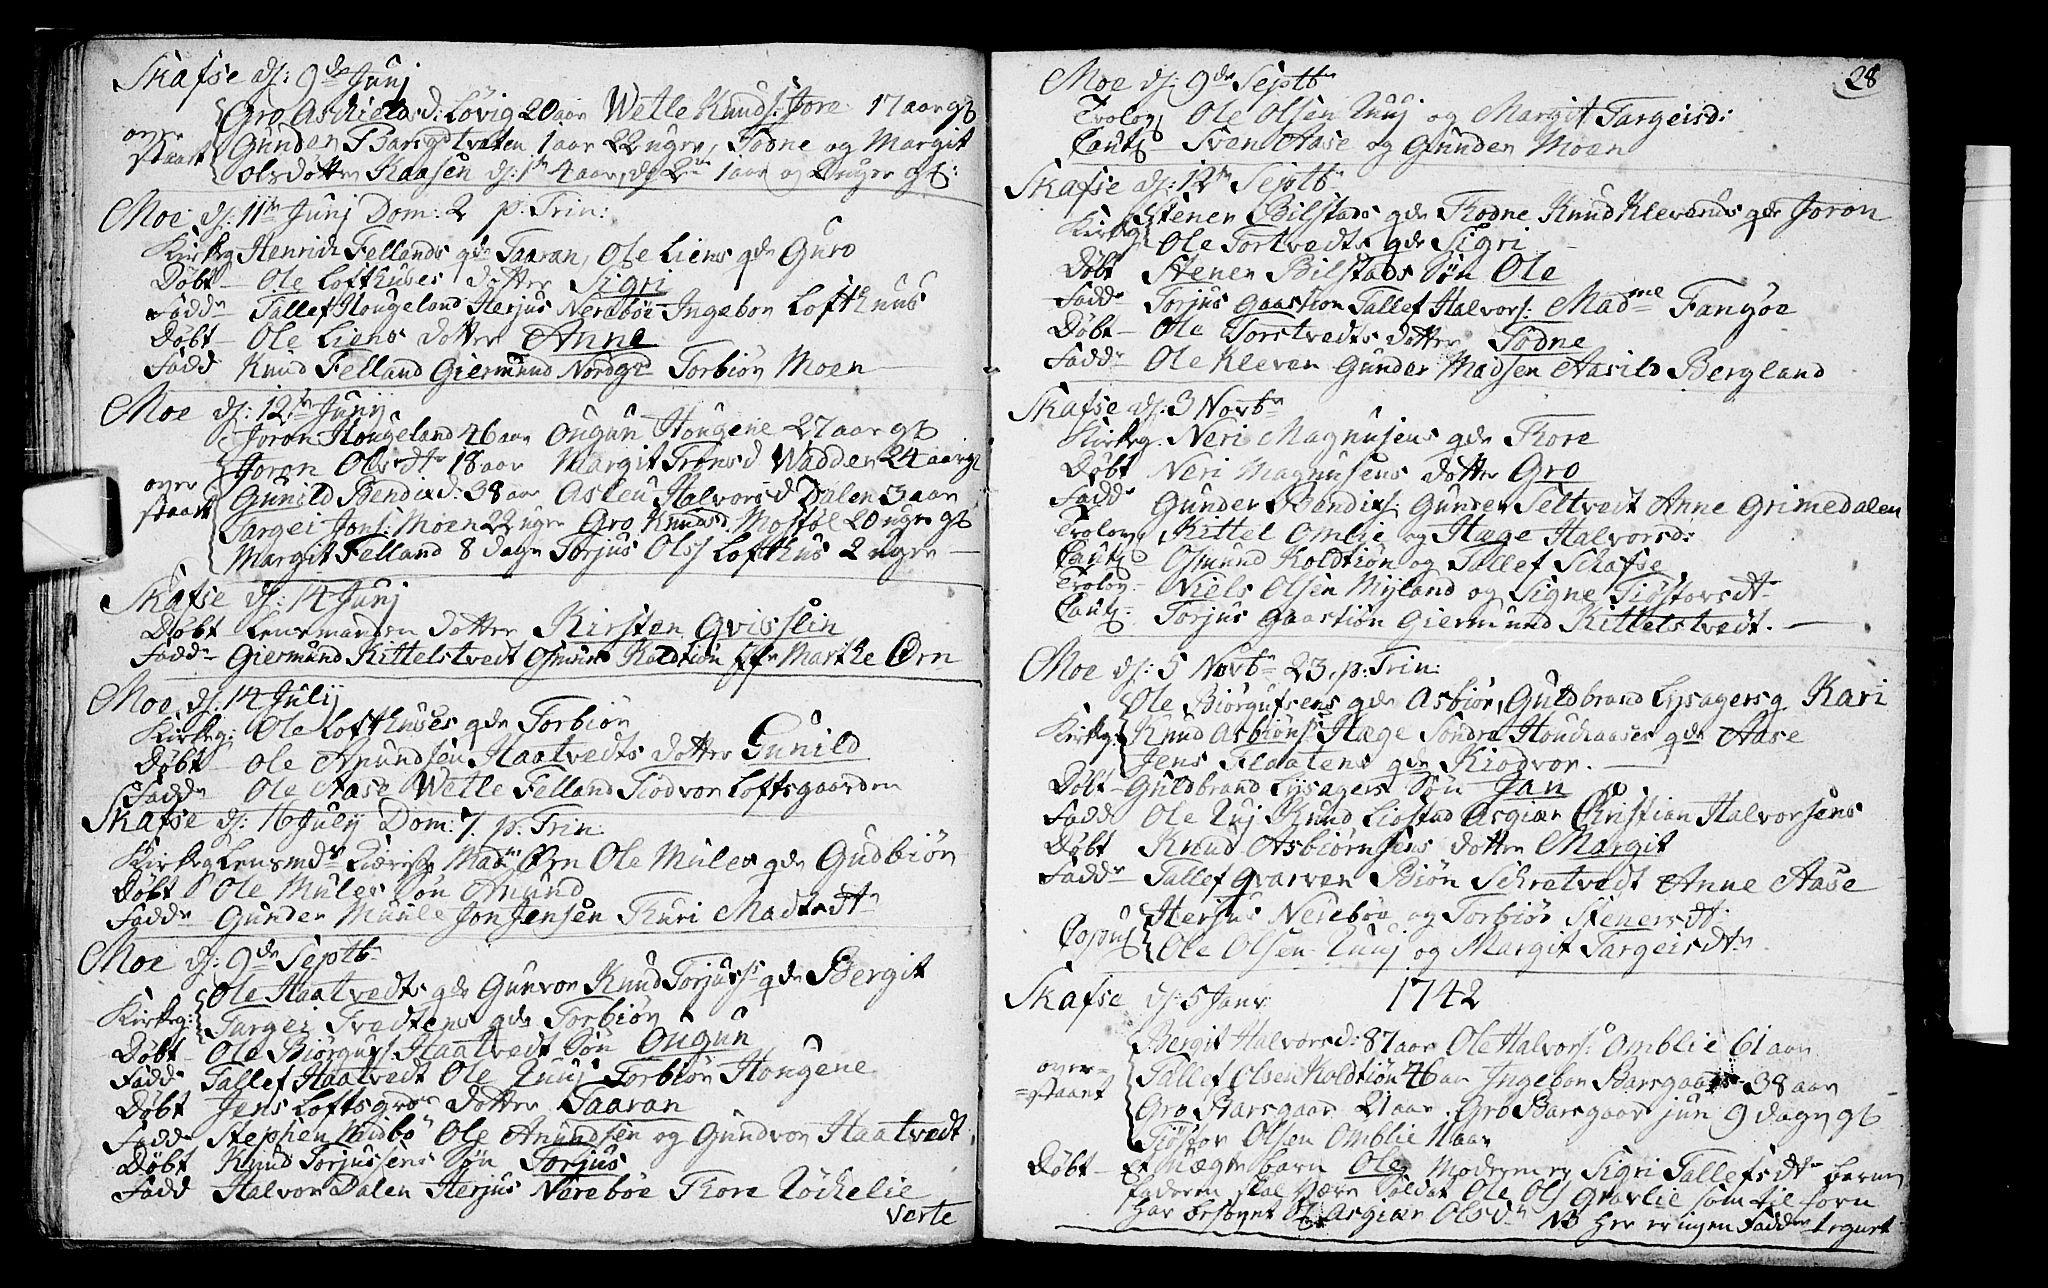 SAKO, Mo kirkebøker, F/Fa/L0001: Ministerialbok nr. I 1, 1724-1748, s. 28